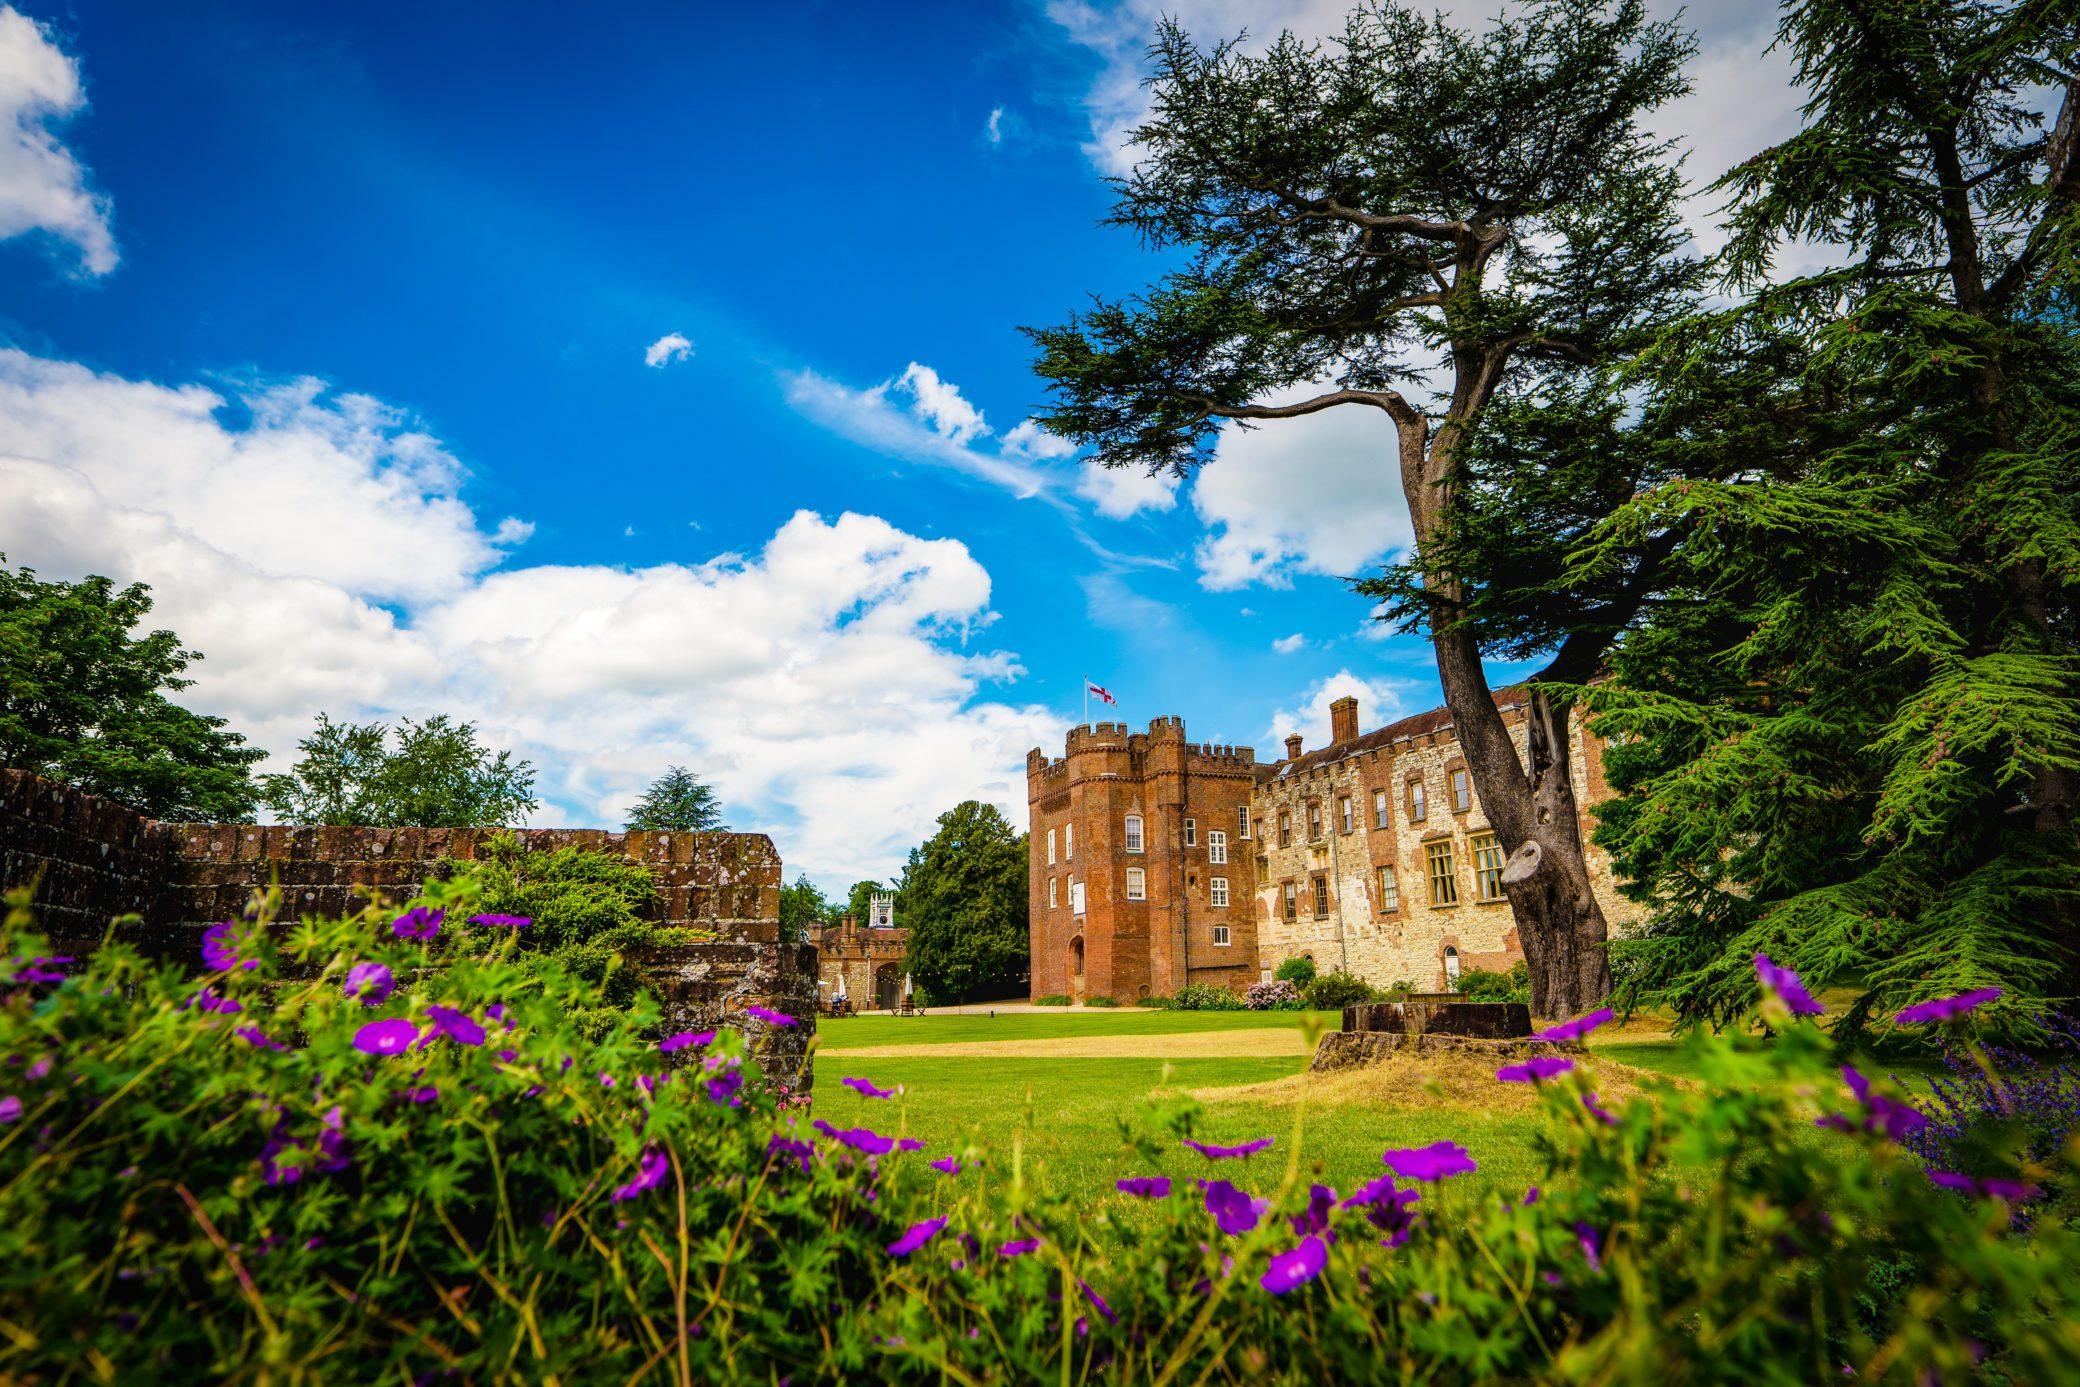 Farnham Castle luxury wedding venue in Surrey